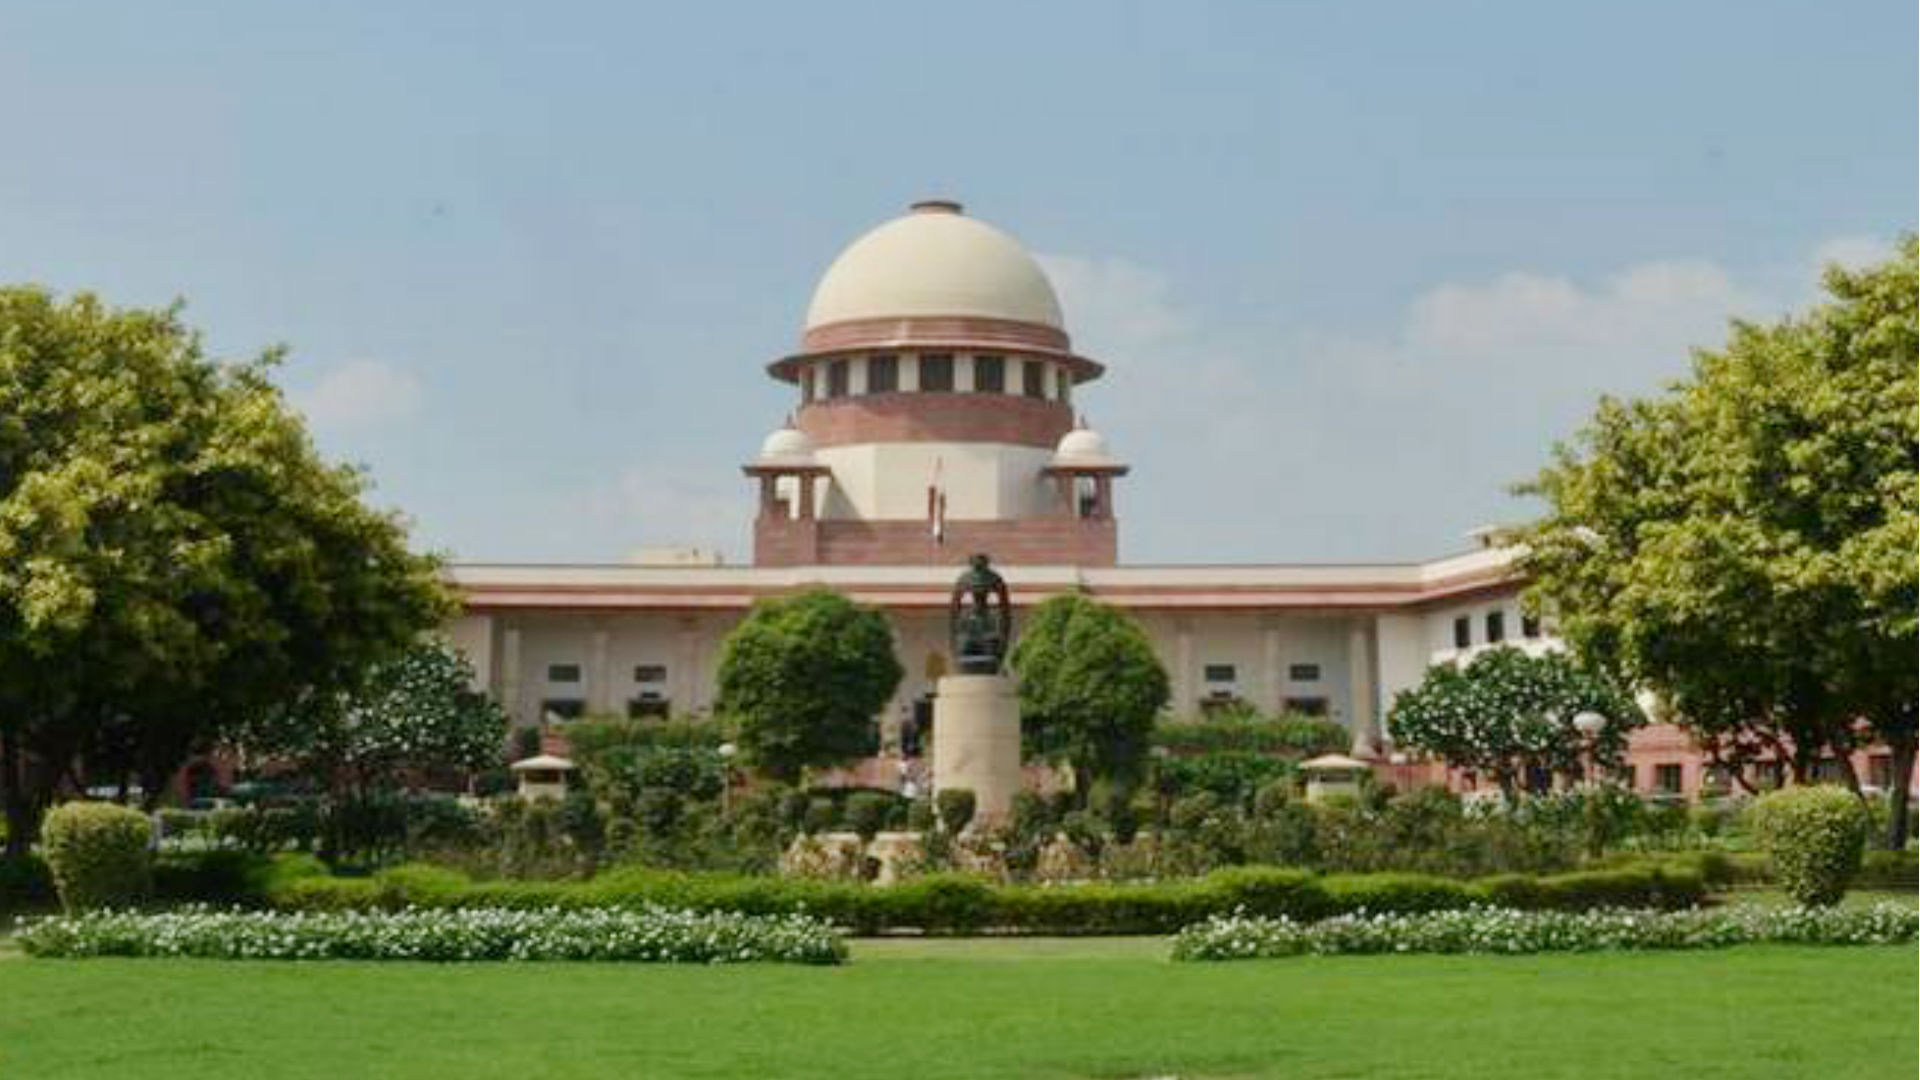 Supreme court ने दिल्ली सरकार को दी चेतावनी, डॉक्टरों और नर्सों को दंडित ना करे और ना ही धमकाए